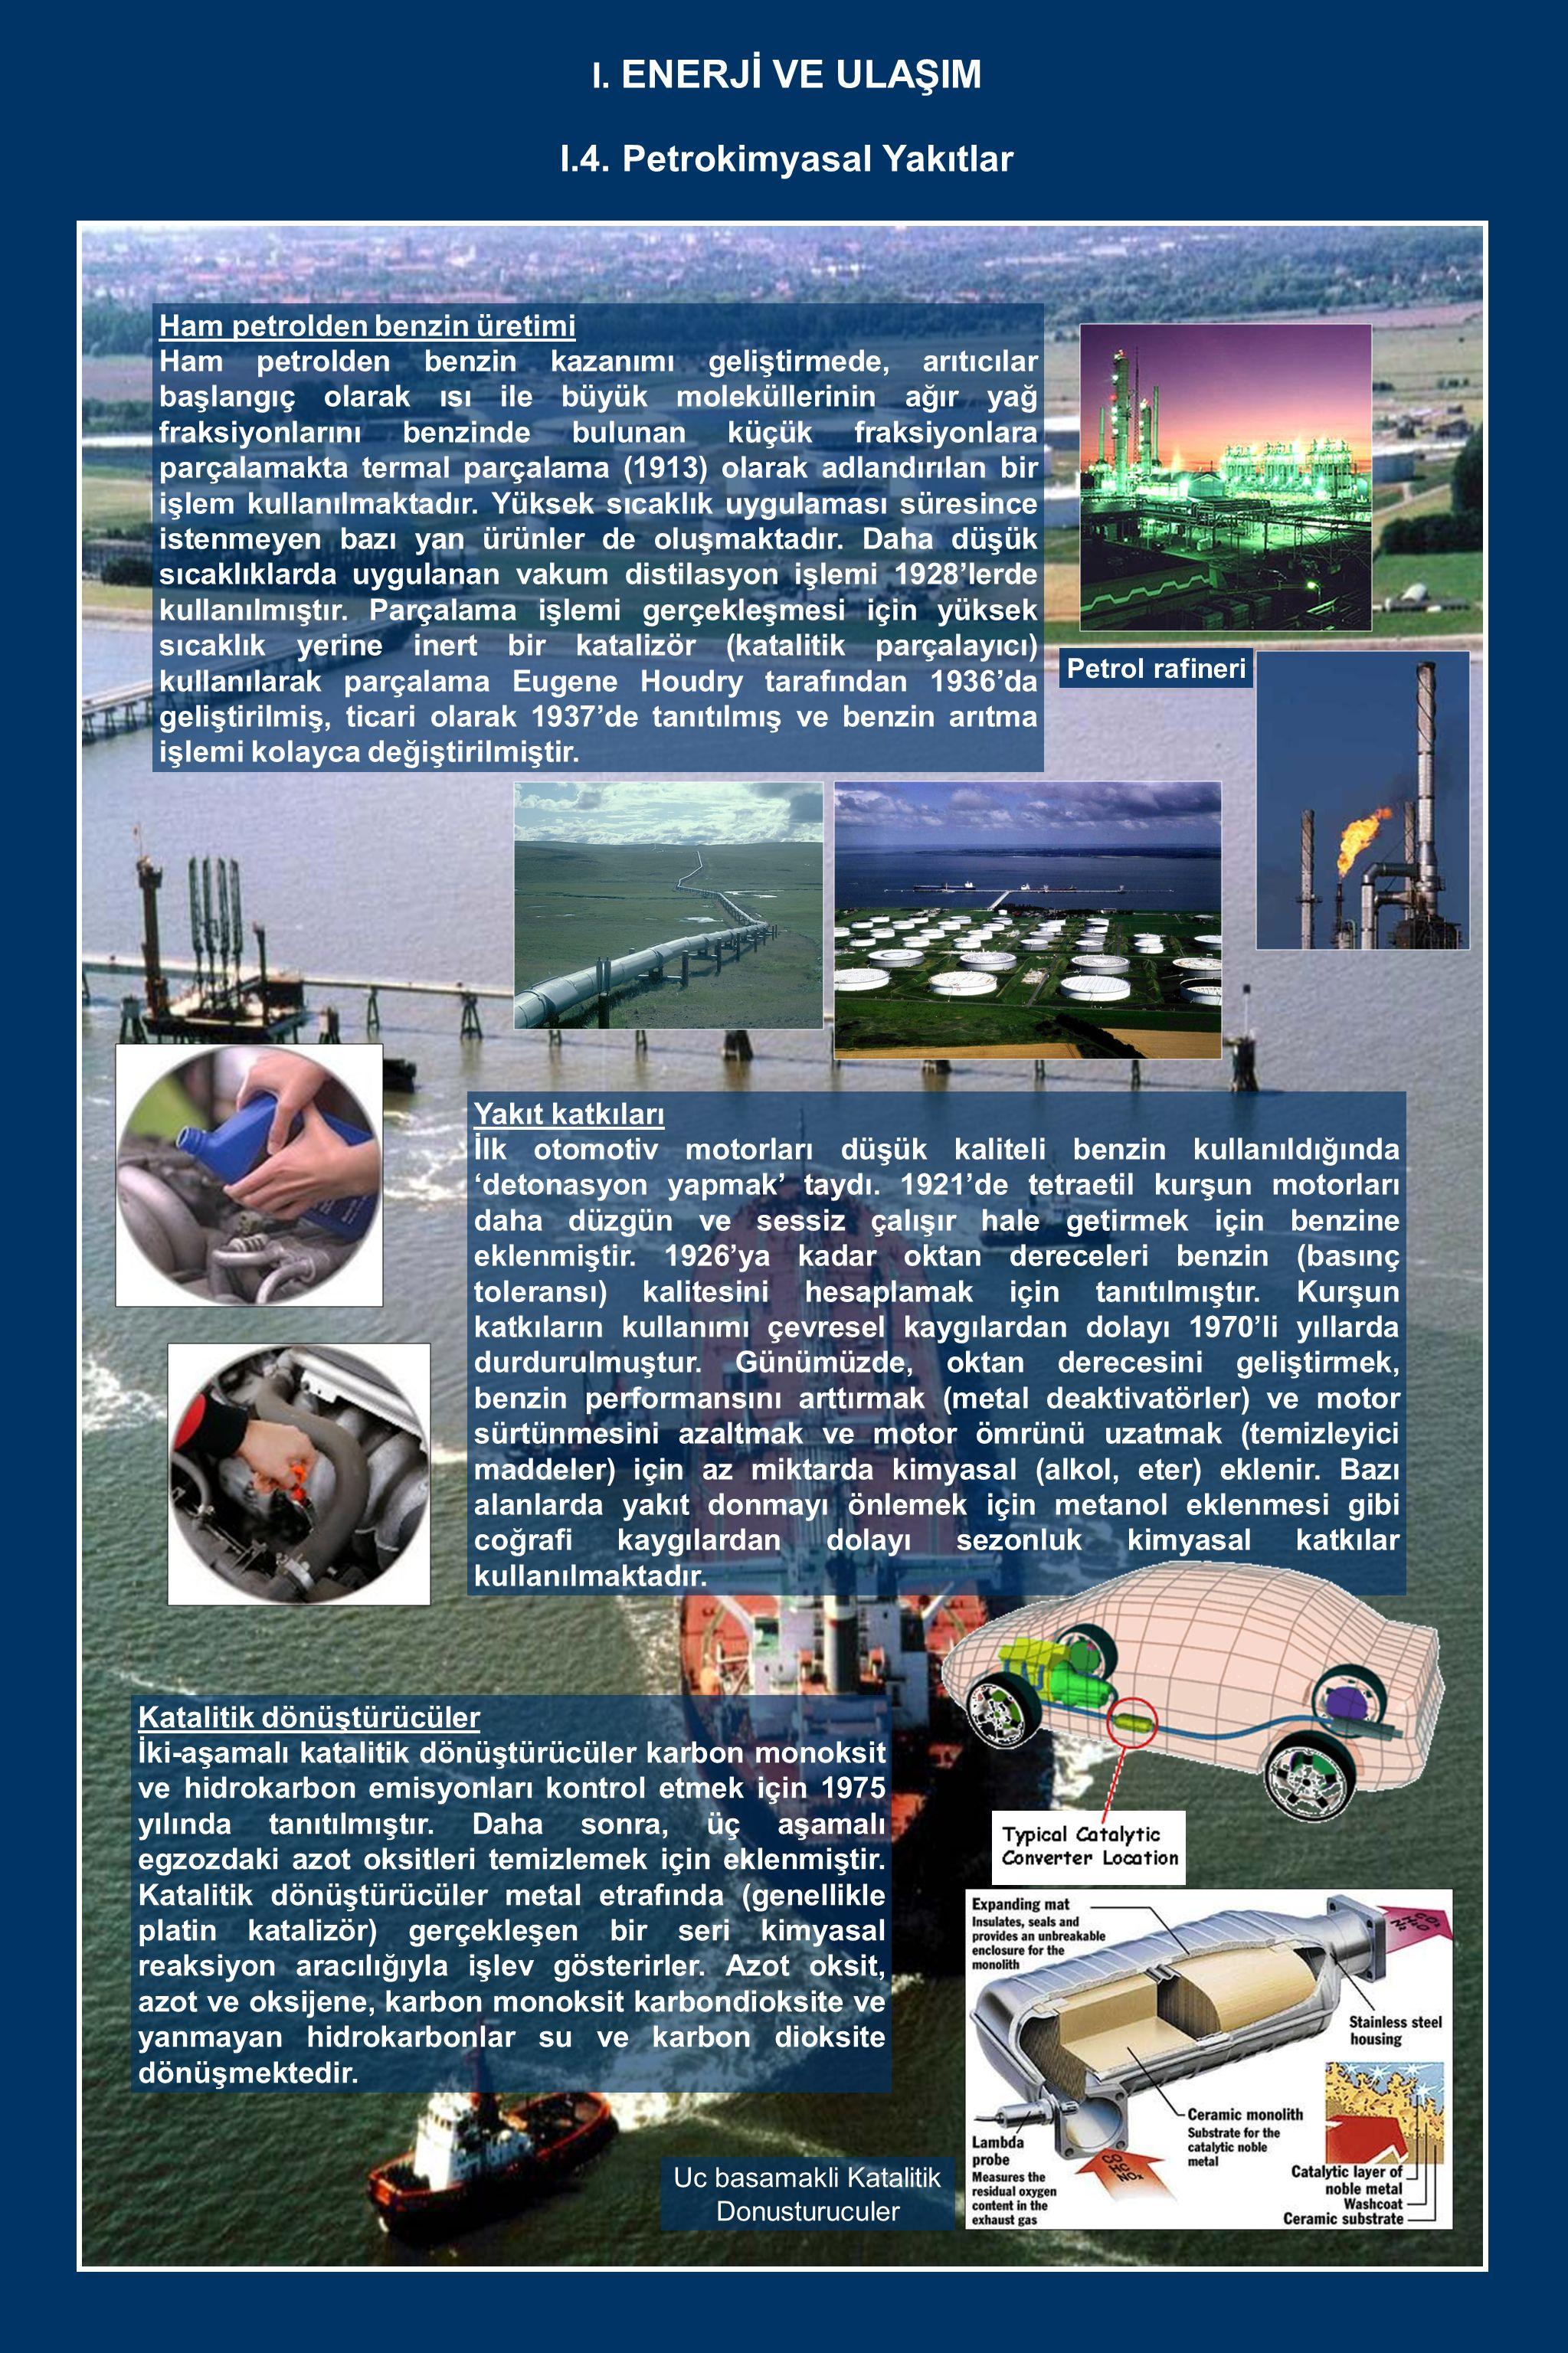 I.4. Petrokimyasal Yakıtlar